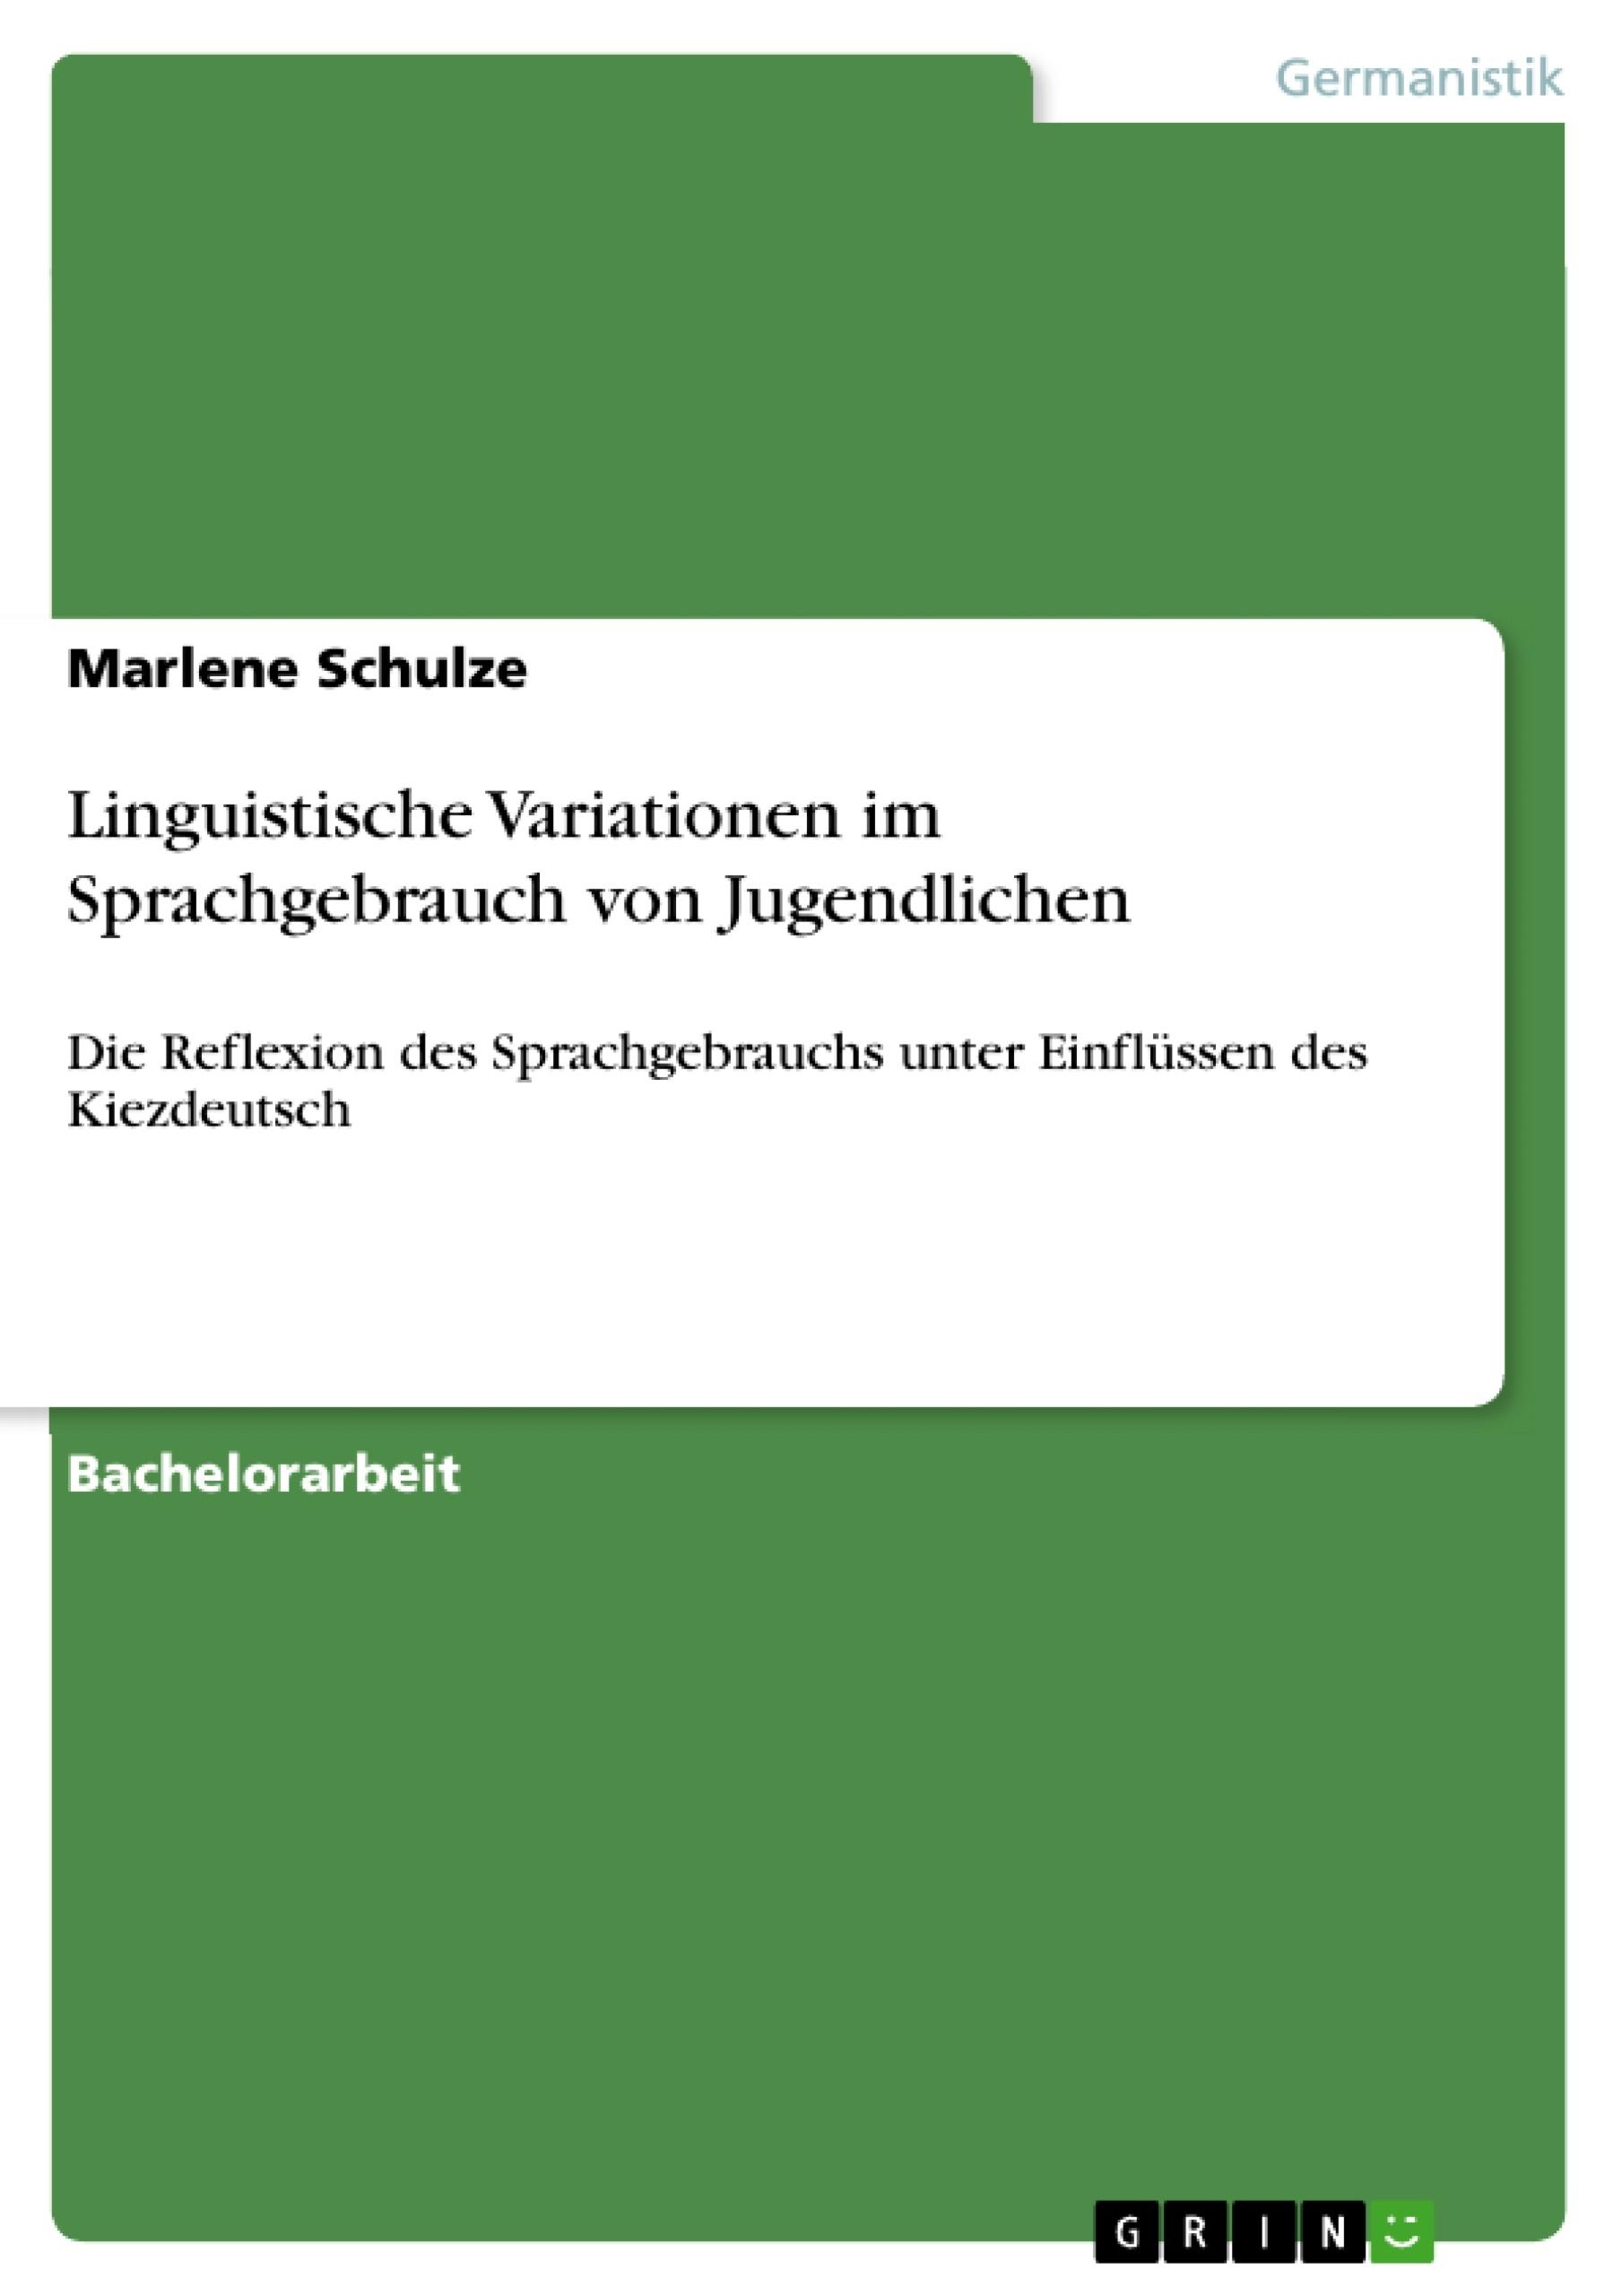 Titel: Linguistische Variationen im Sprachgebrauch von Jugendlichen